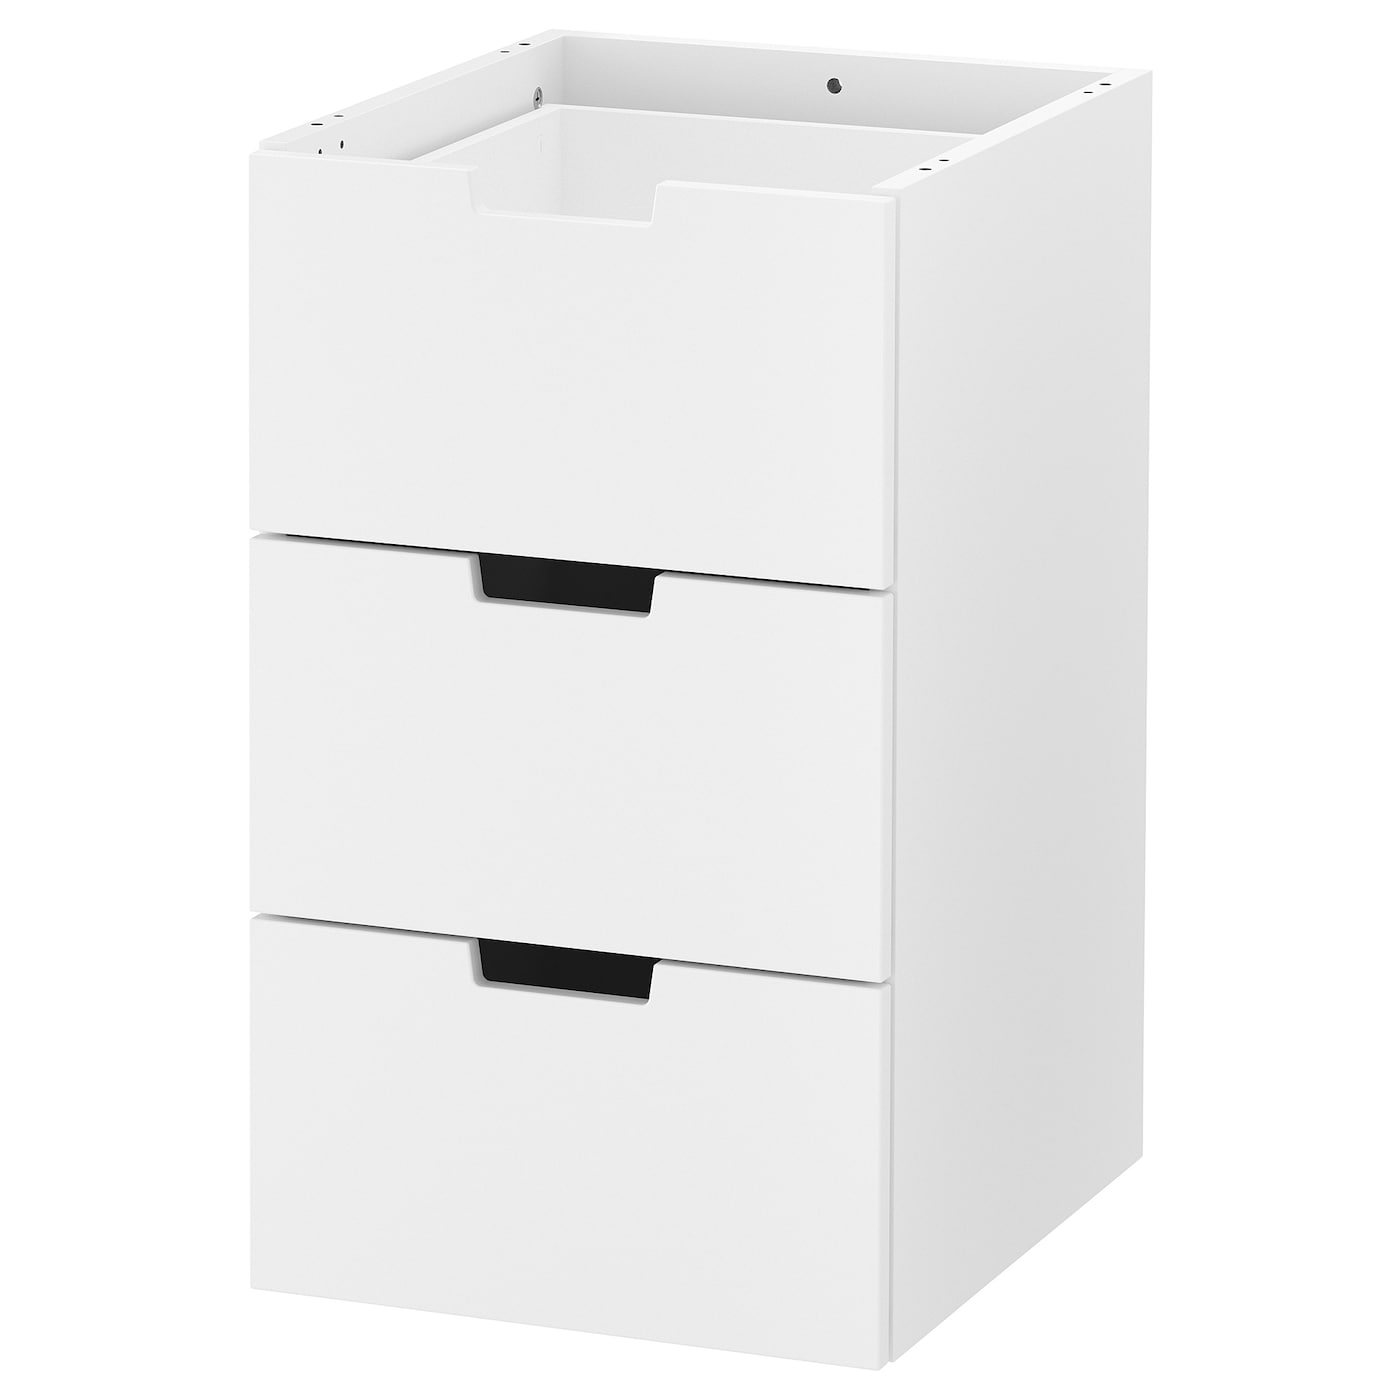 IKEA NORDLI biała komoda modułowa z trzema szufladami, 40x68 cm